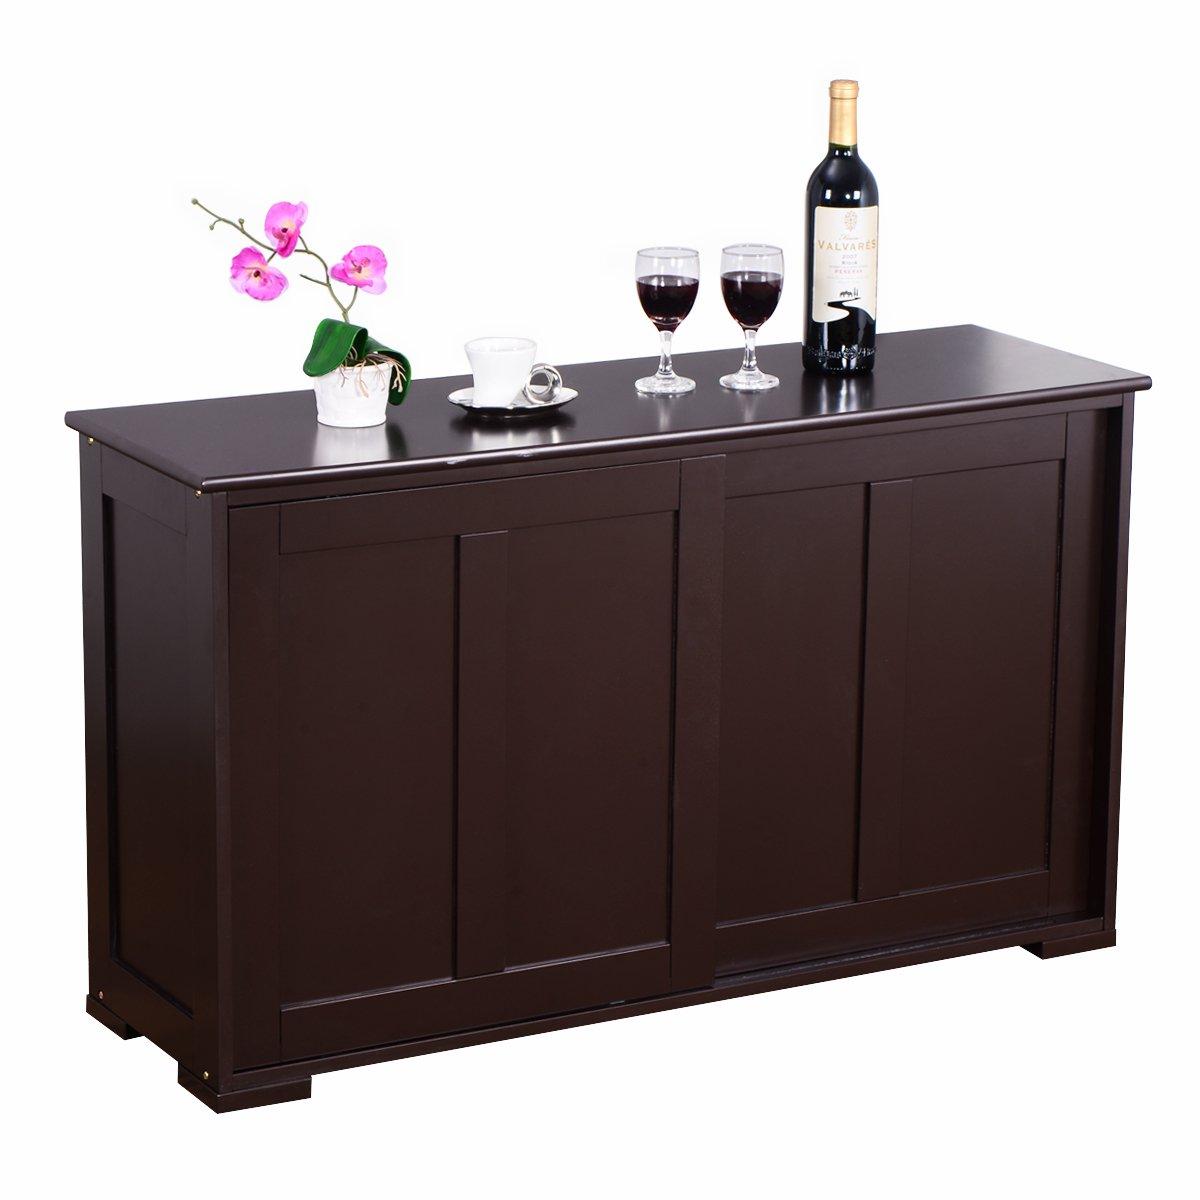 COSTWAY Sideboard Küchenschrank Badkommode Wohnzimmerregel ...